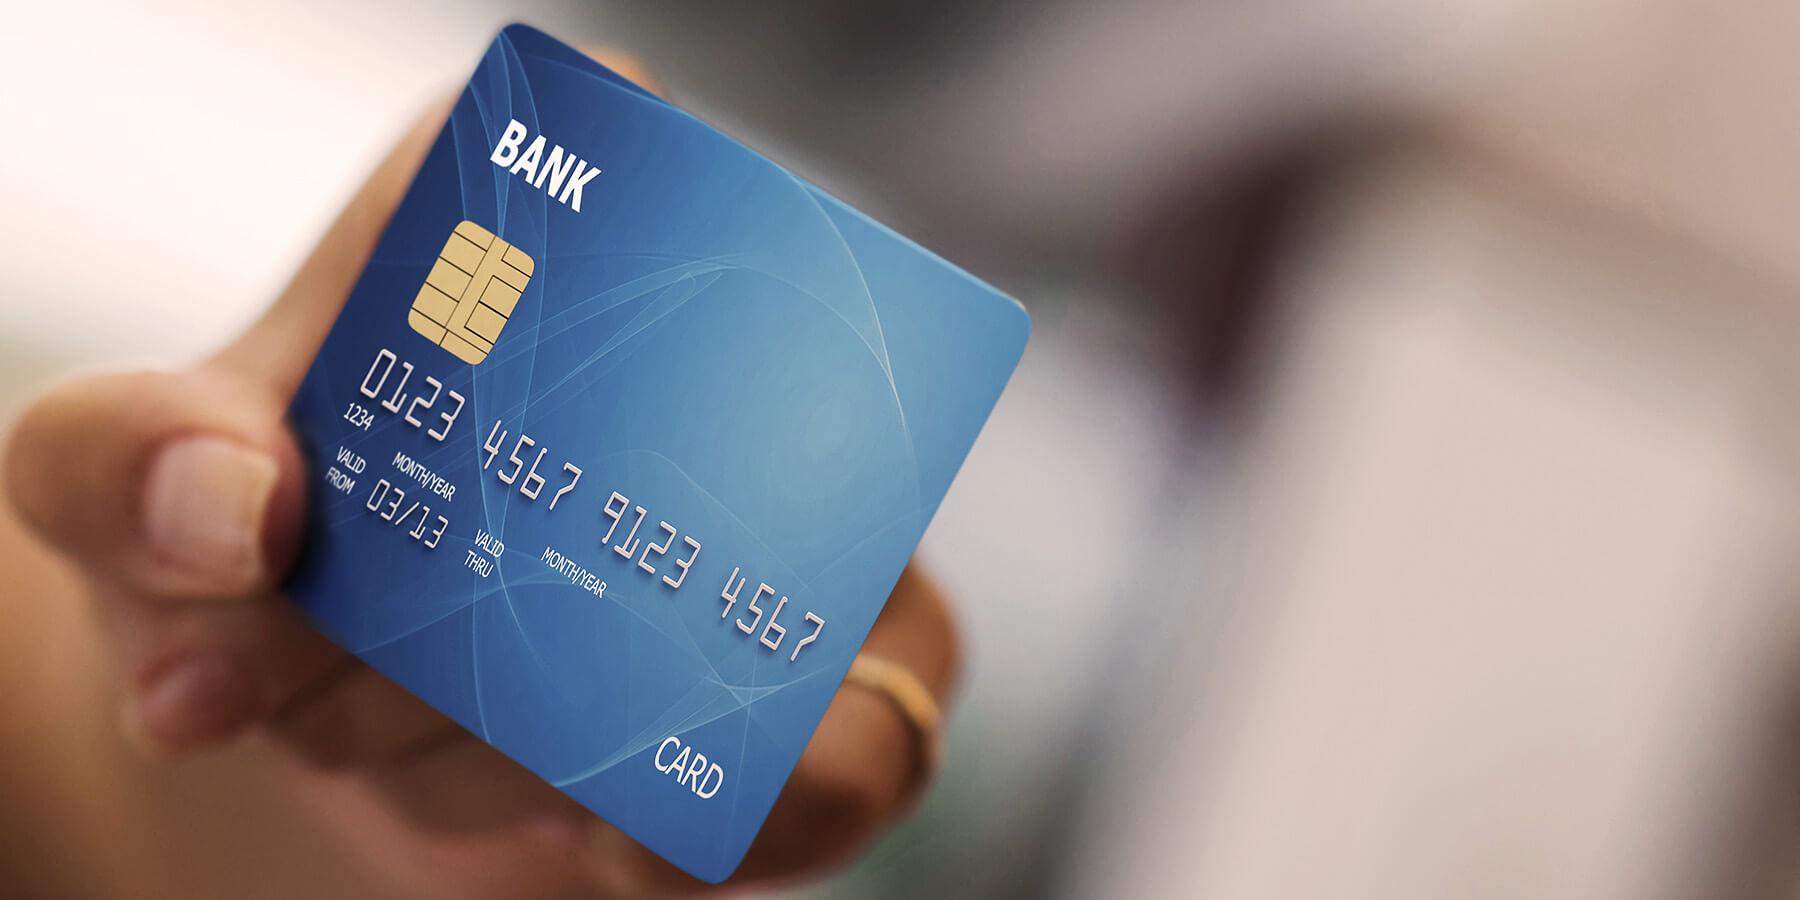 Kostenlose Kreditkarte mit Tücken